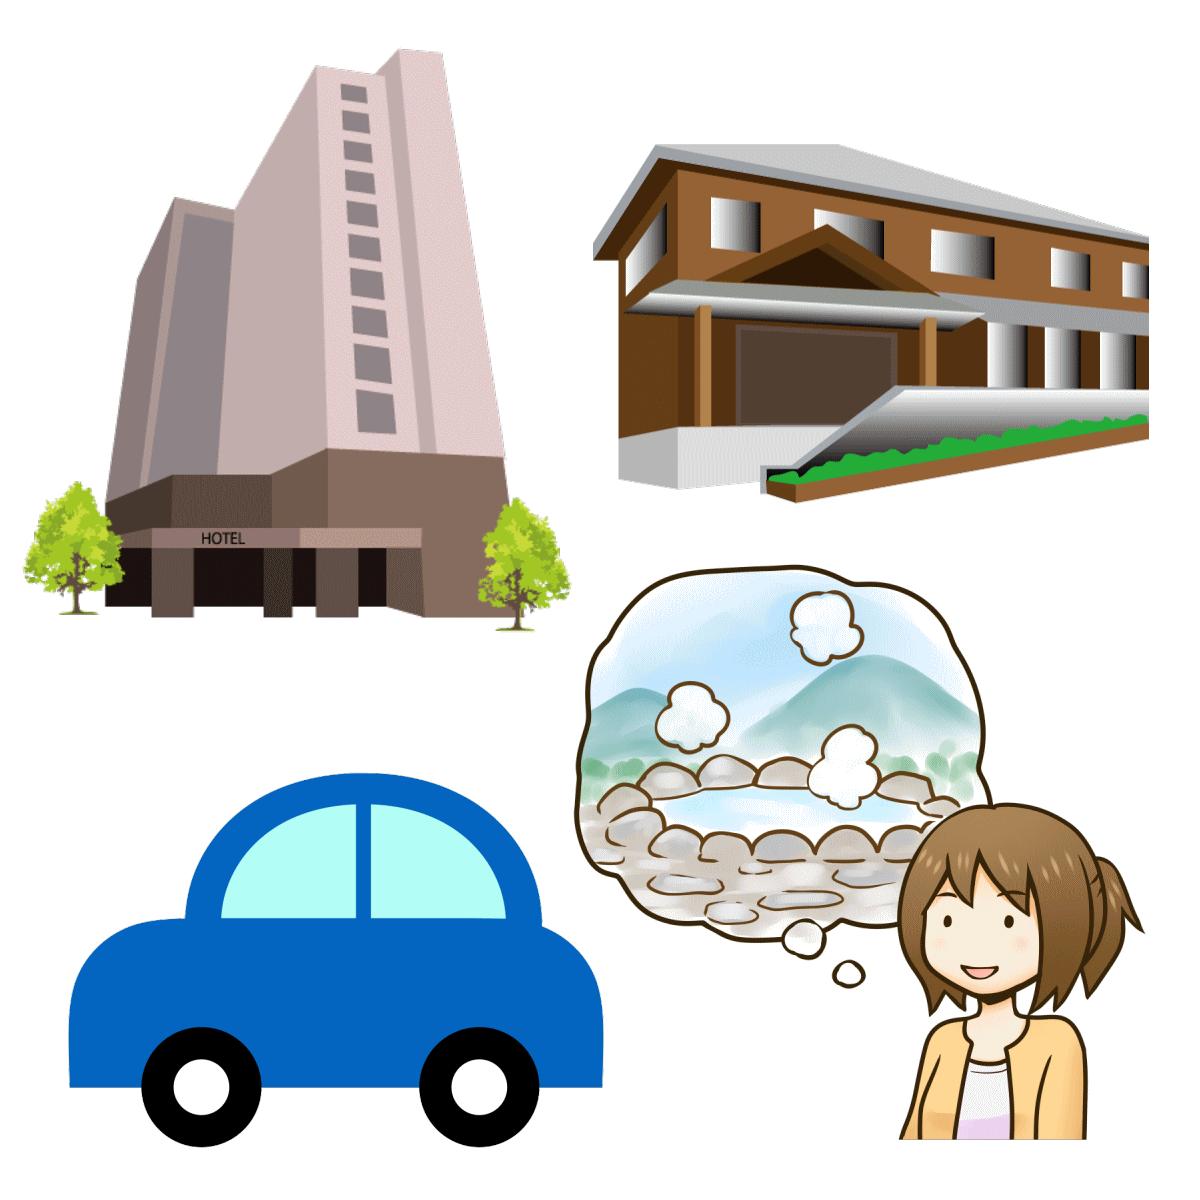 旅館やホテルへも送迎する様子を説明しているイラスト